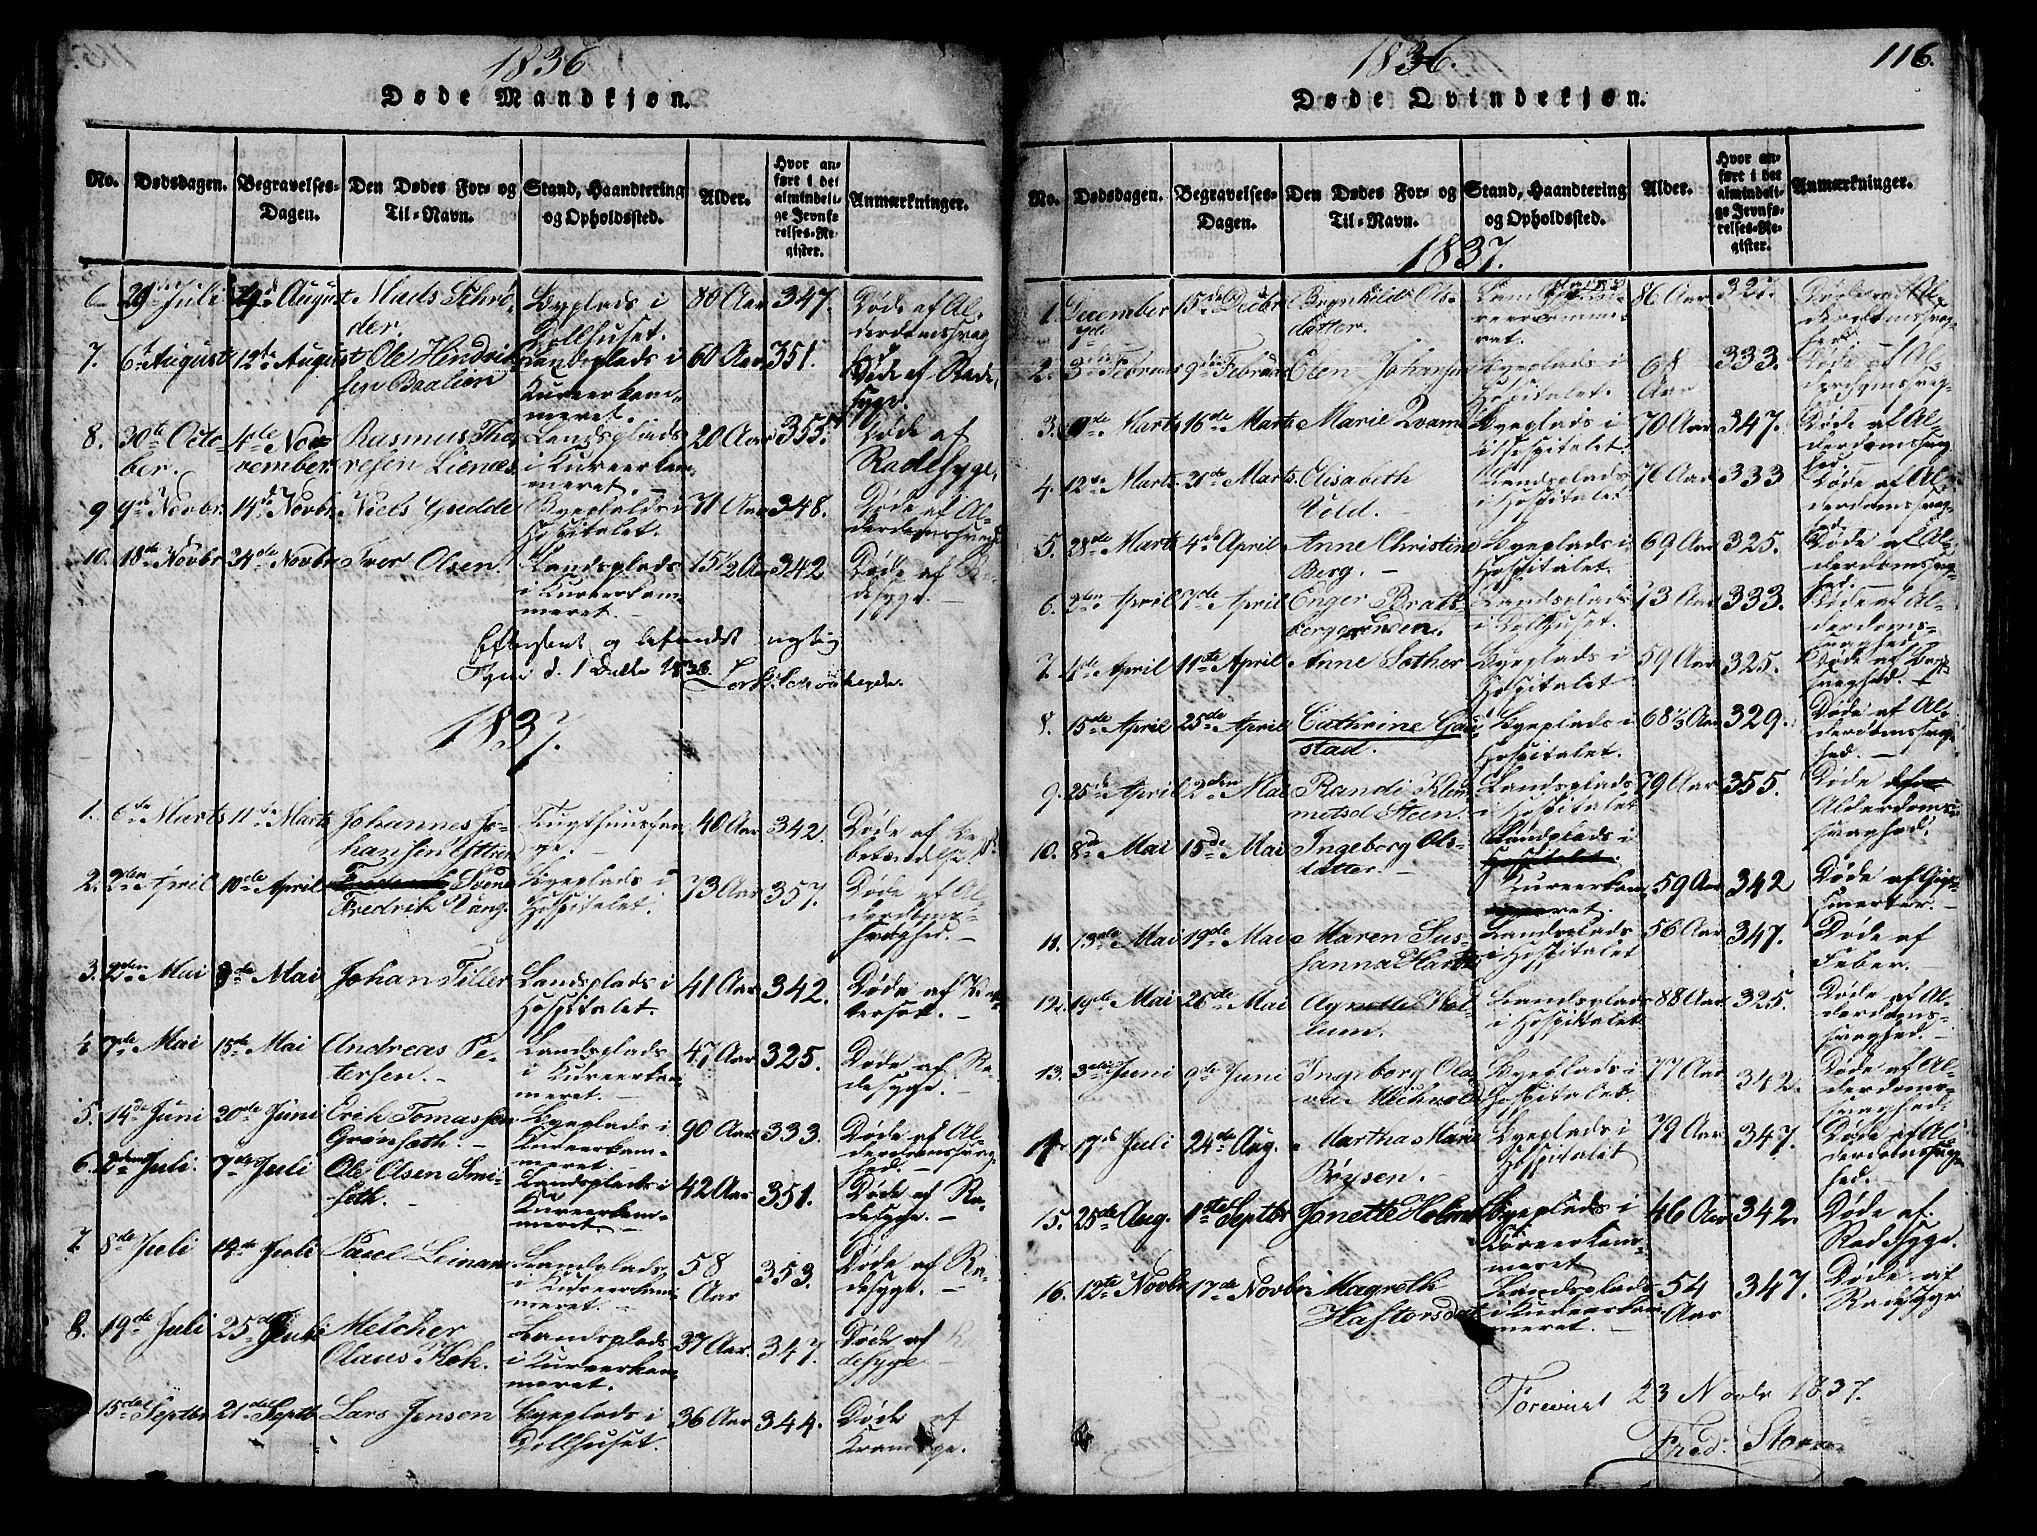 SAT, Ministerialprotokoller, klokkerbøker og fødselsregistre - Sør-Trøndelag, 623/L0478: Klokkerbok nr. 623C01, 1815-1873, s. 116